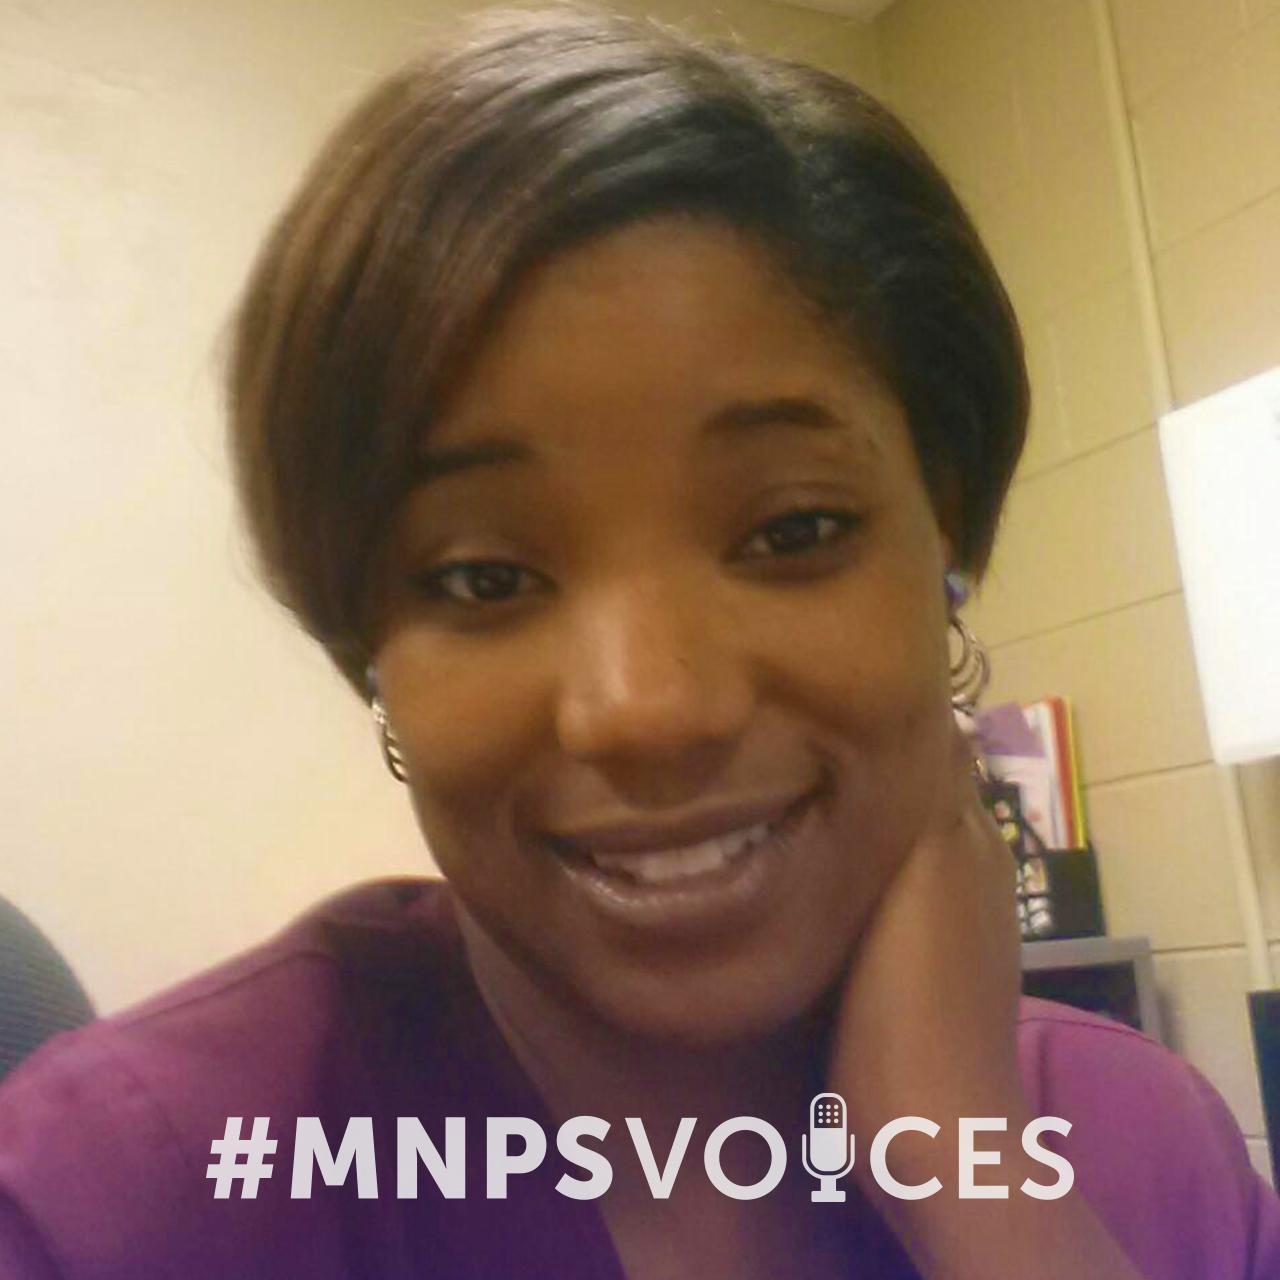 MNPSVoices_KentraHarris